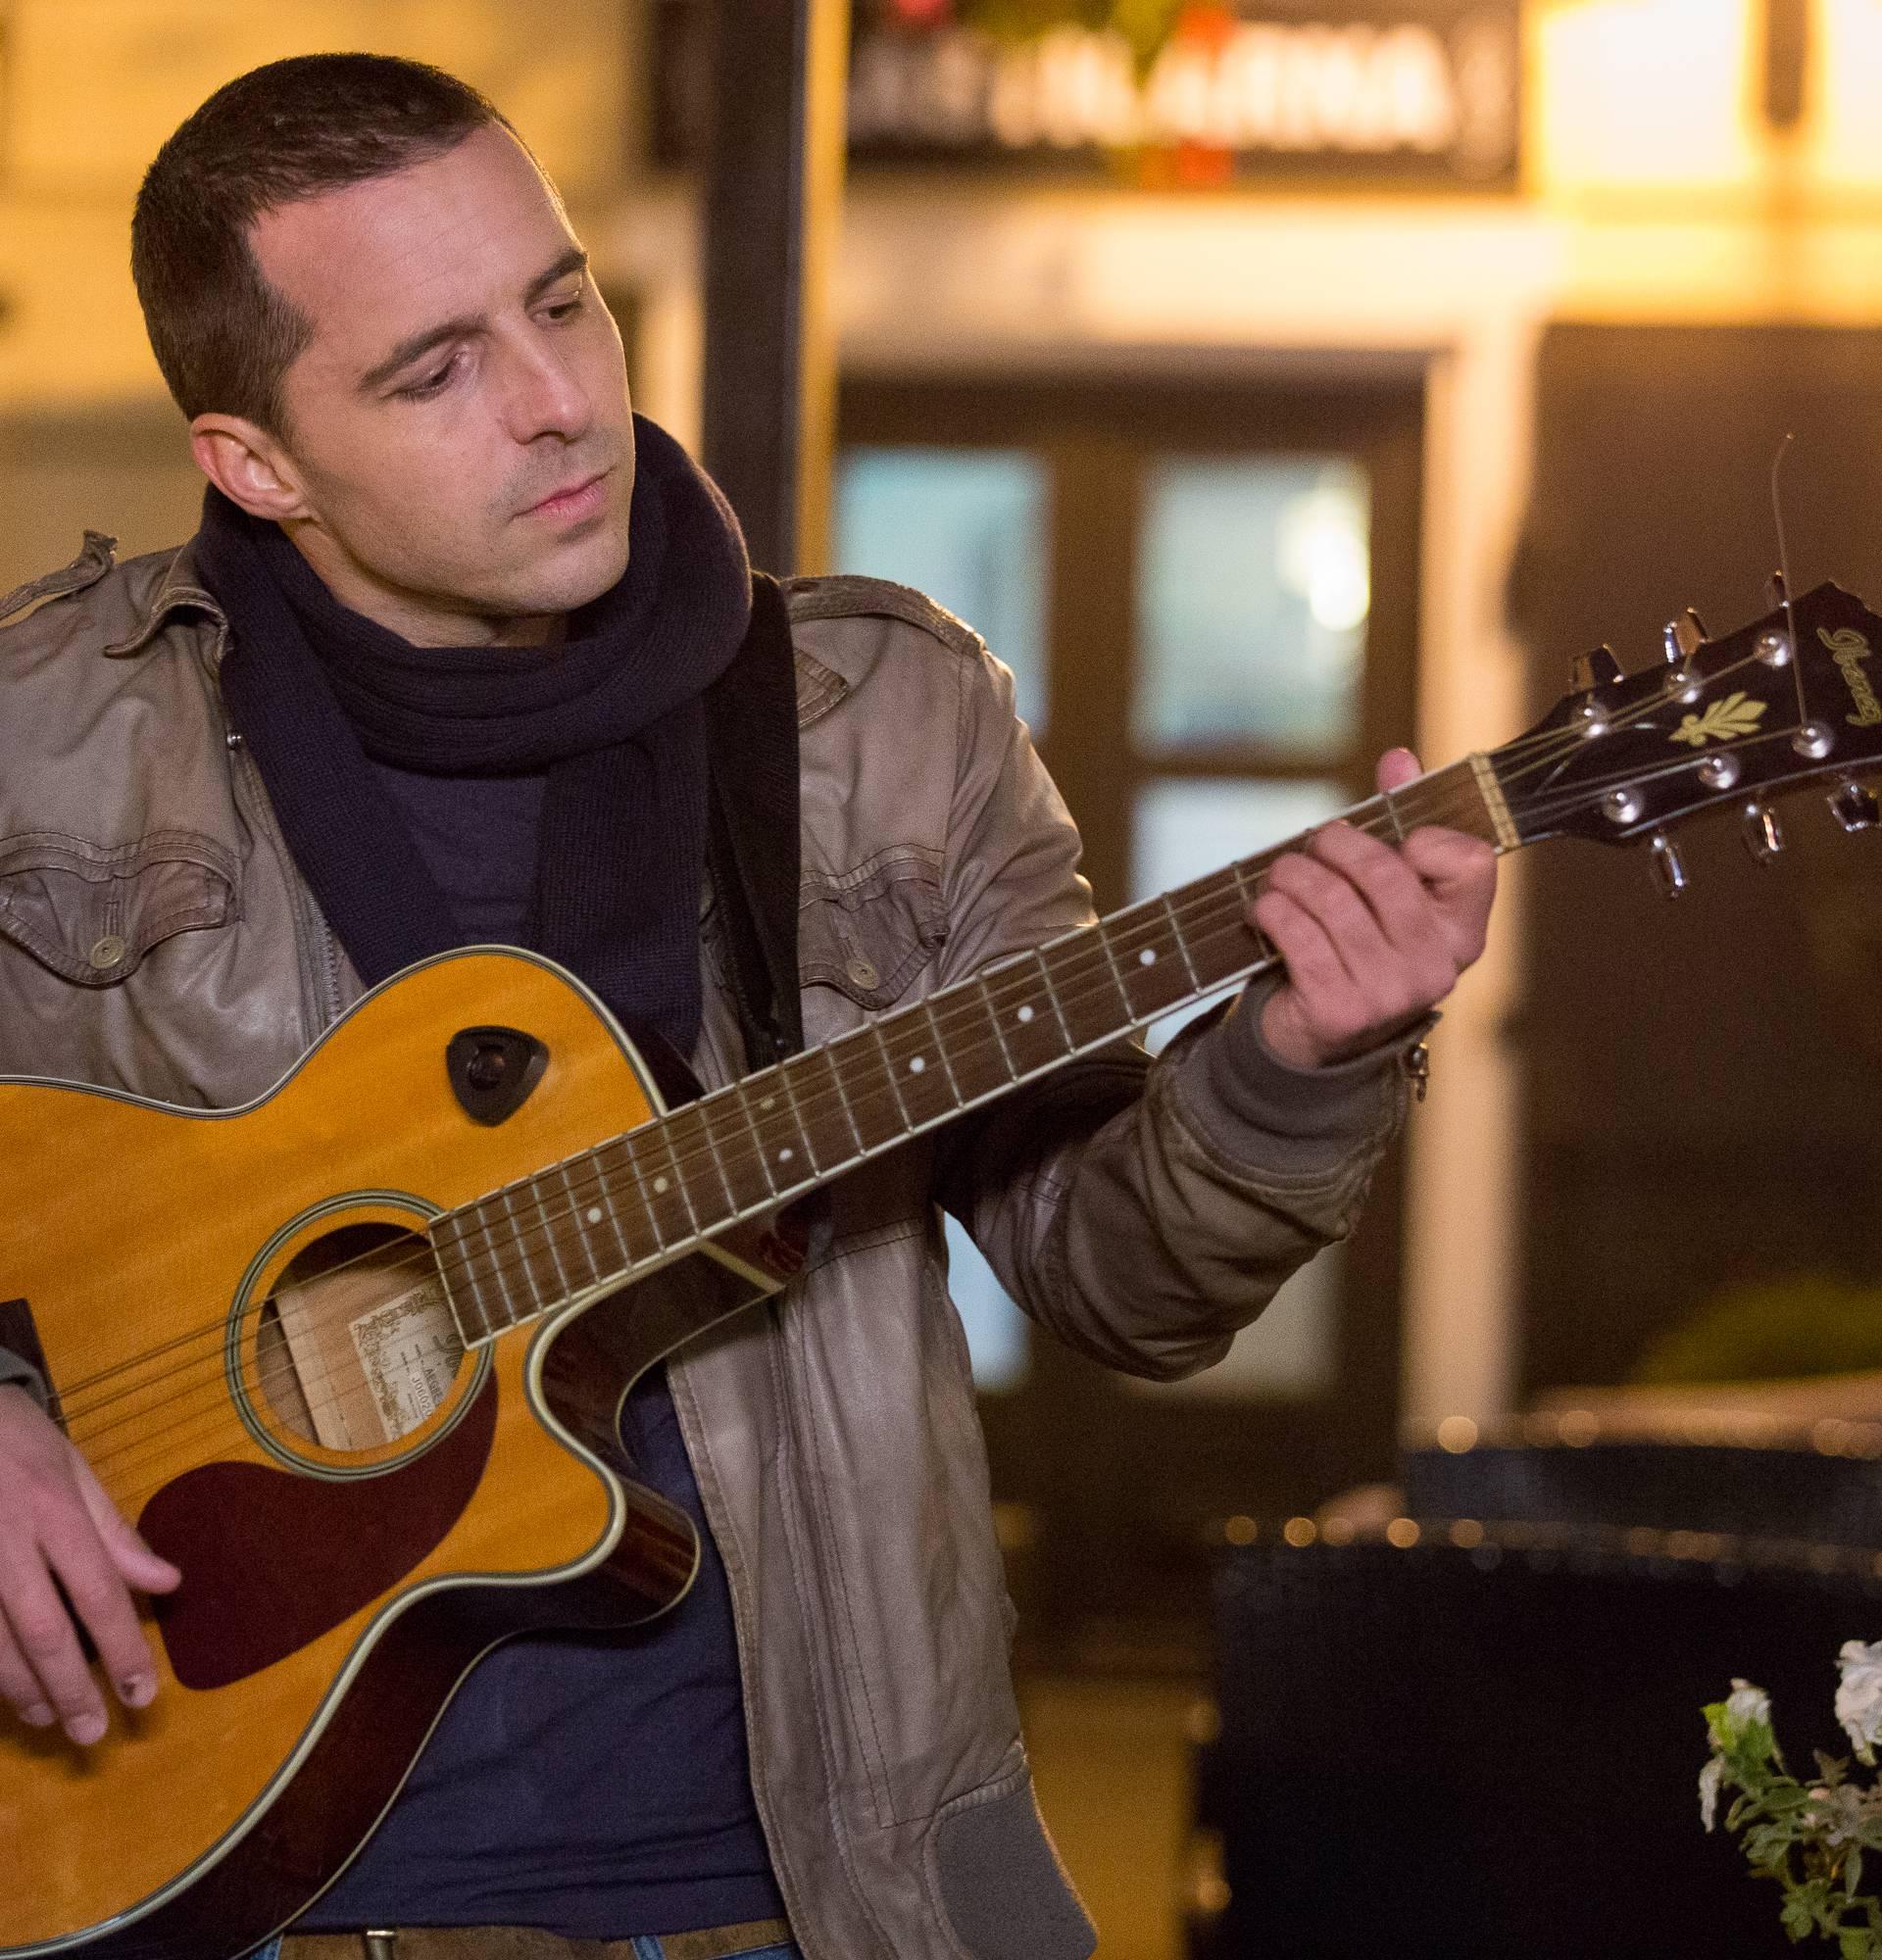 Filip Juričić s gitarom u ruci šarmirao je prolaznike na ulici